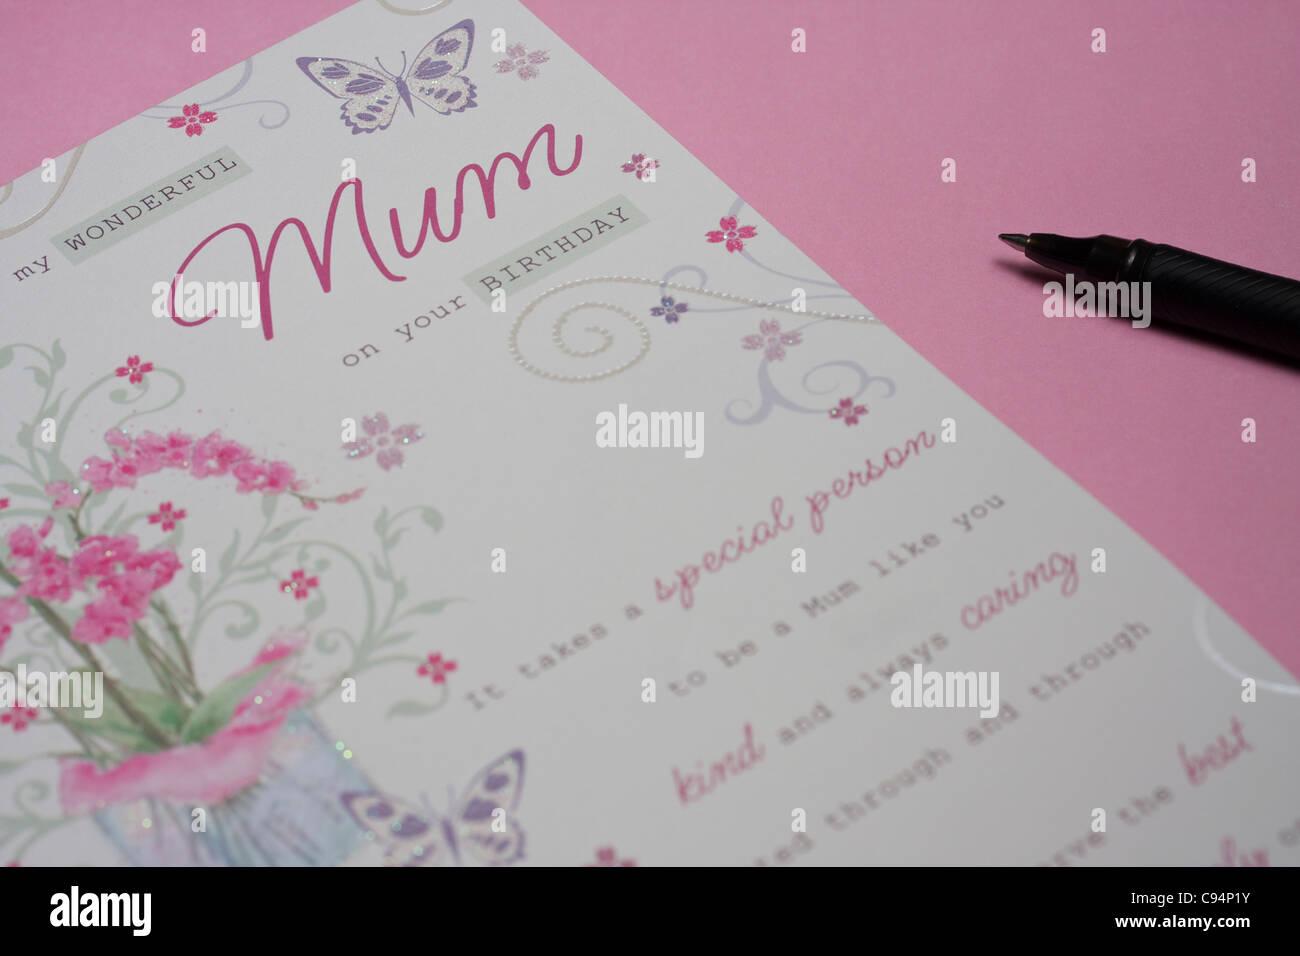 Geburtstagskarte Schreiben Mama.Geburtstagskarte Und Stift Auf Rosa Hintergrund Fur Mama